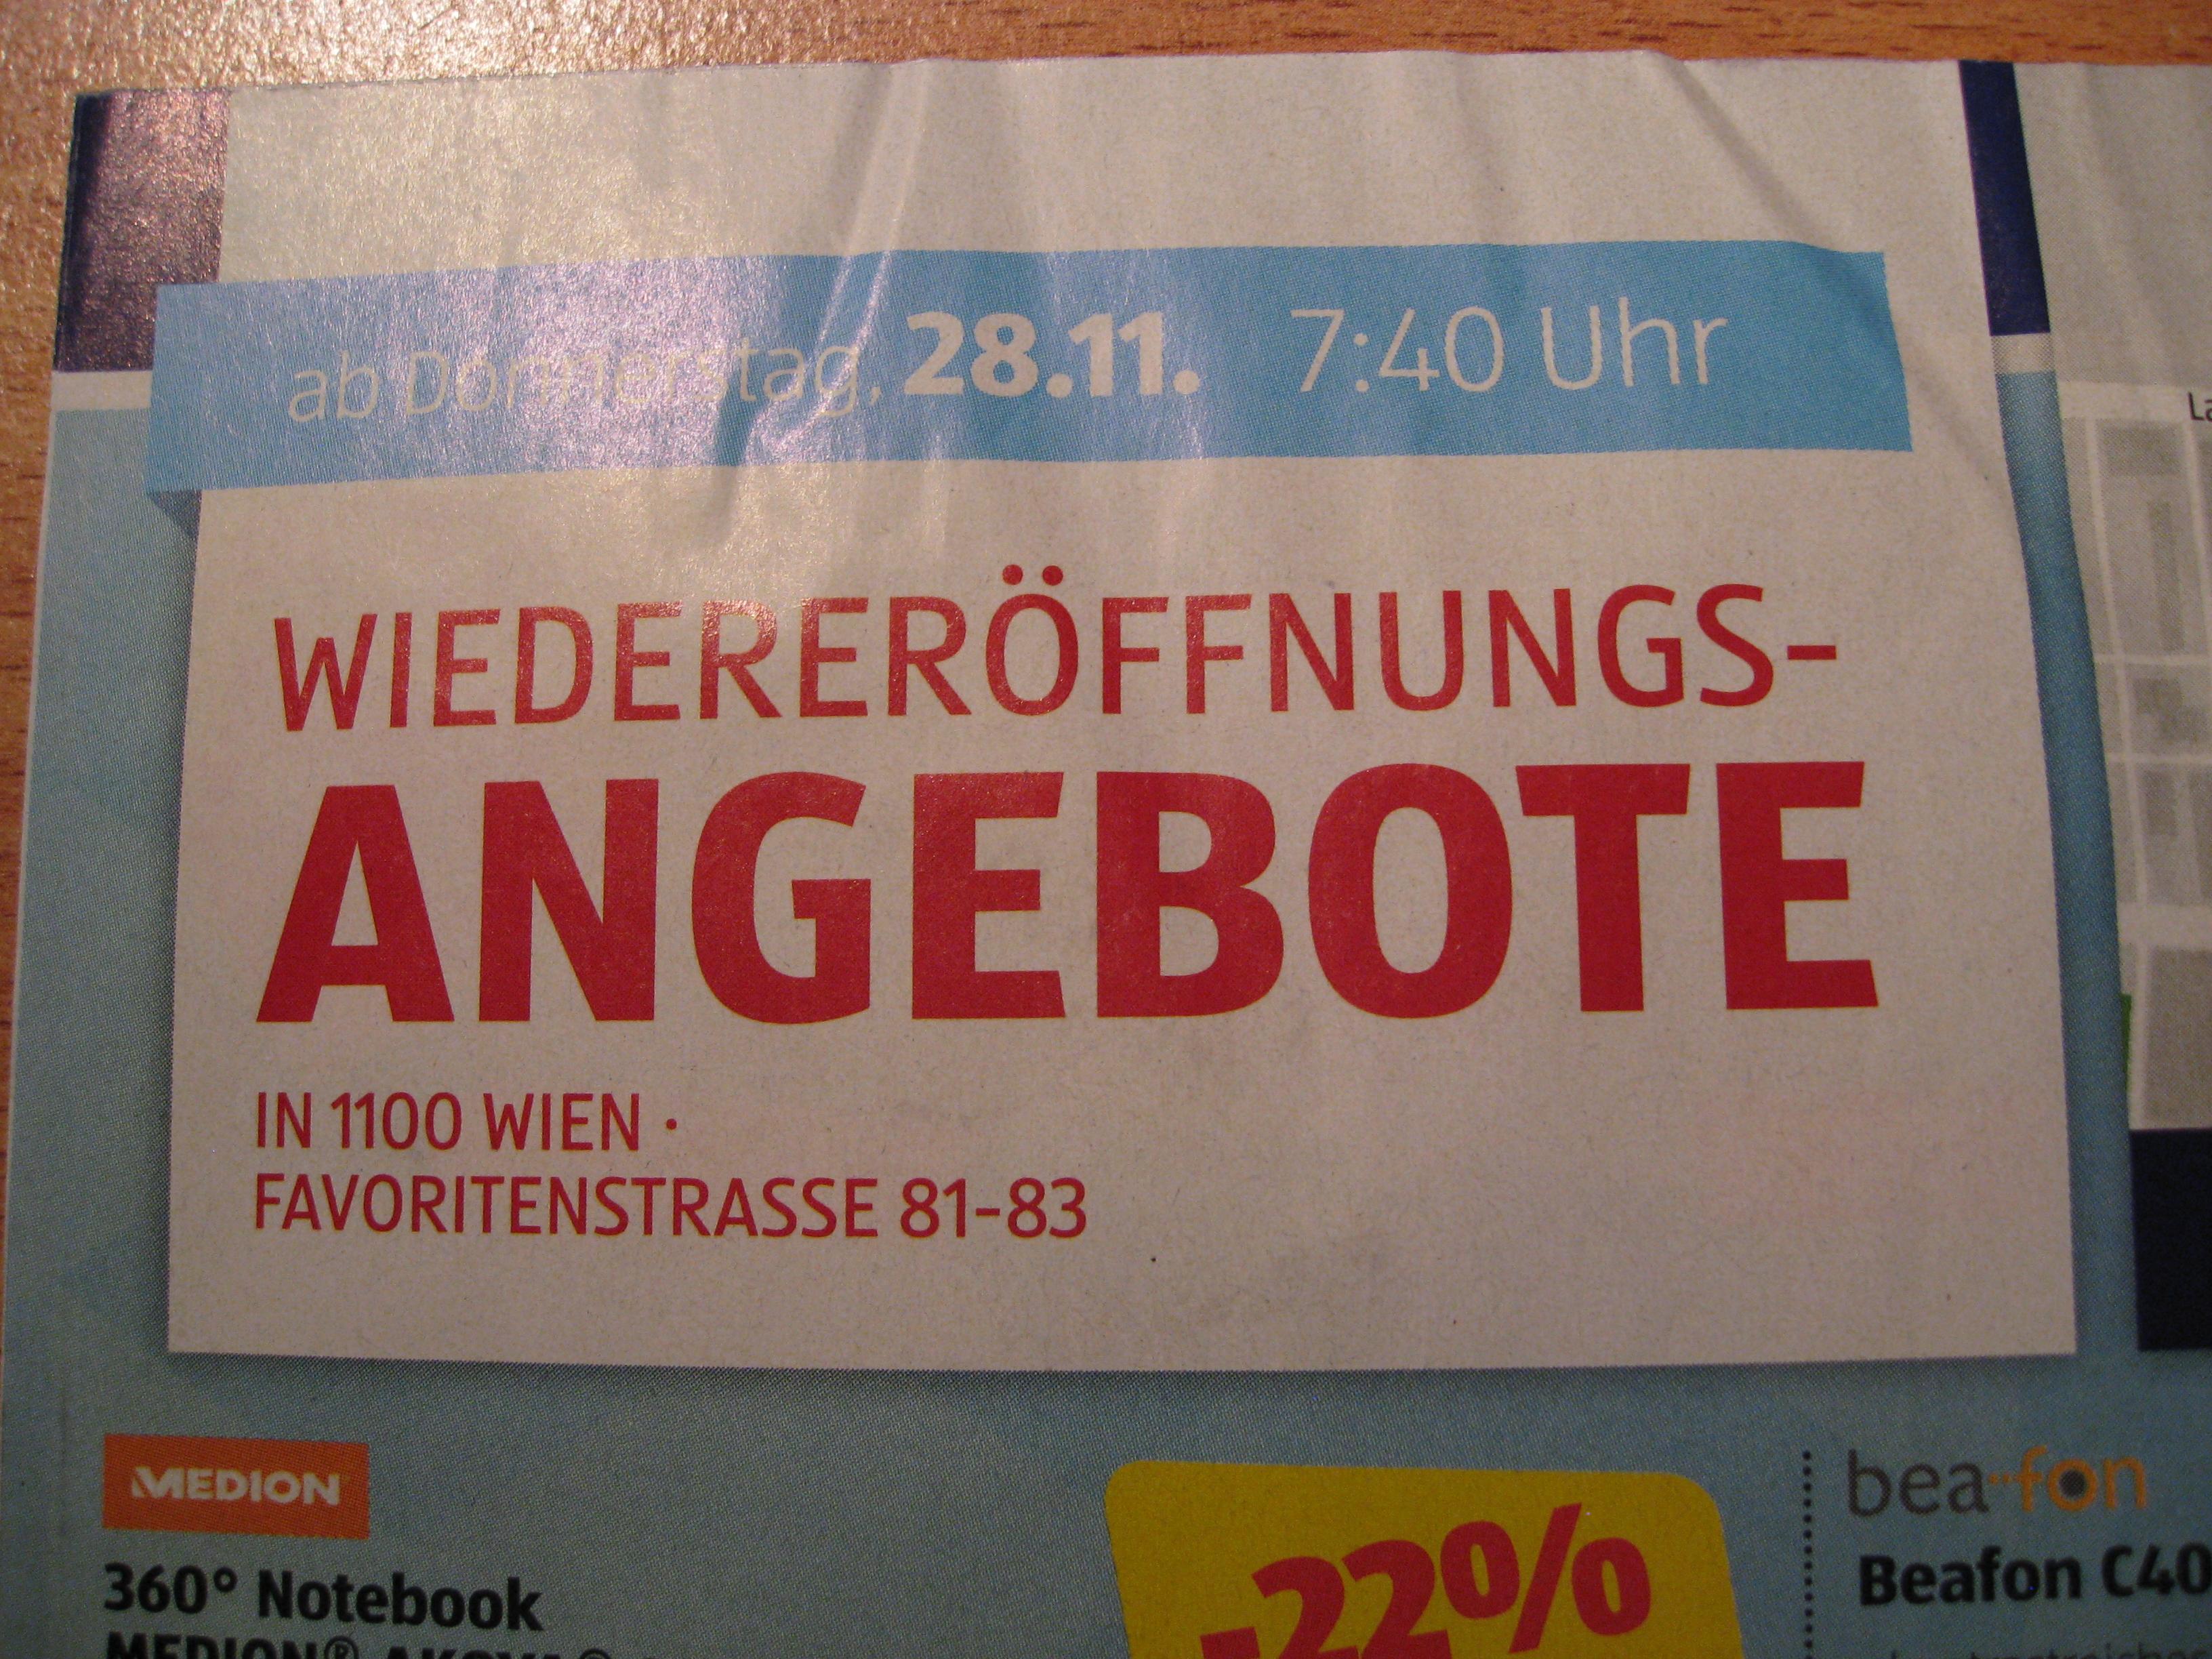 Hofer Wiedereröffnungsangebote Wien 10 Favoritenstrasse 81-83 am 28.11